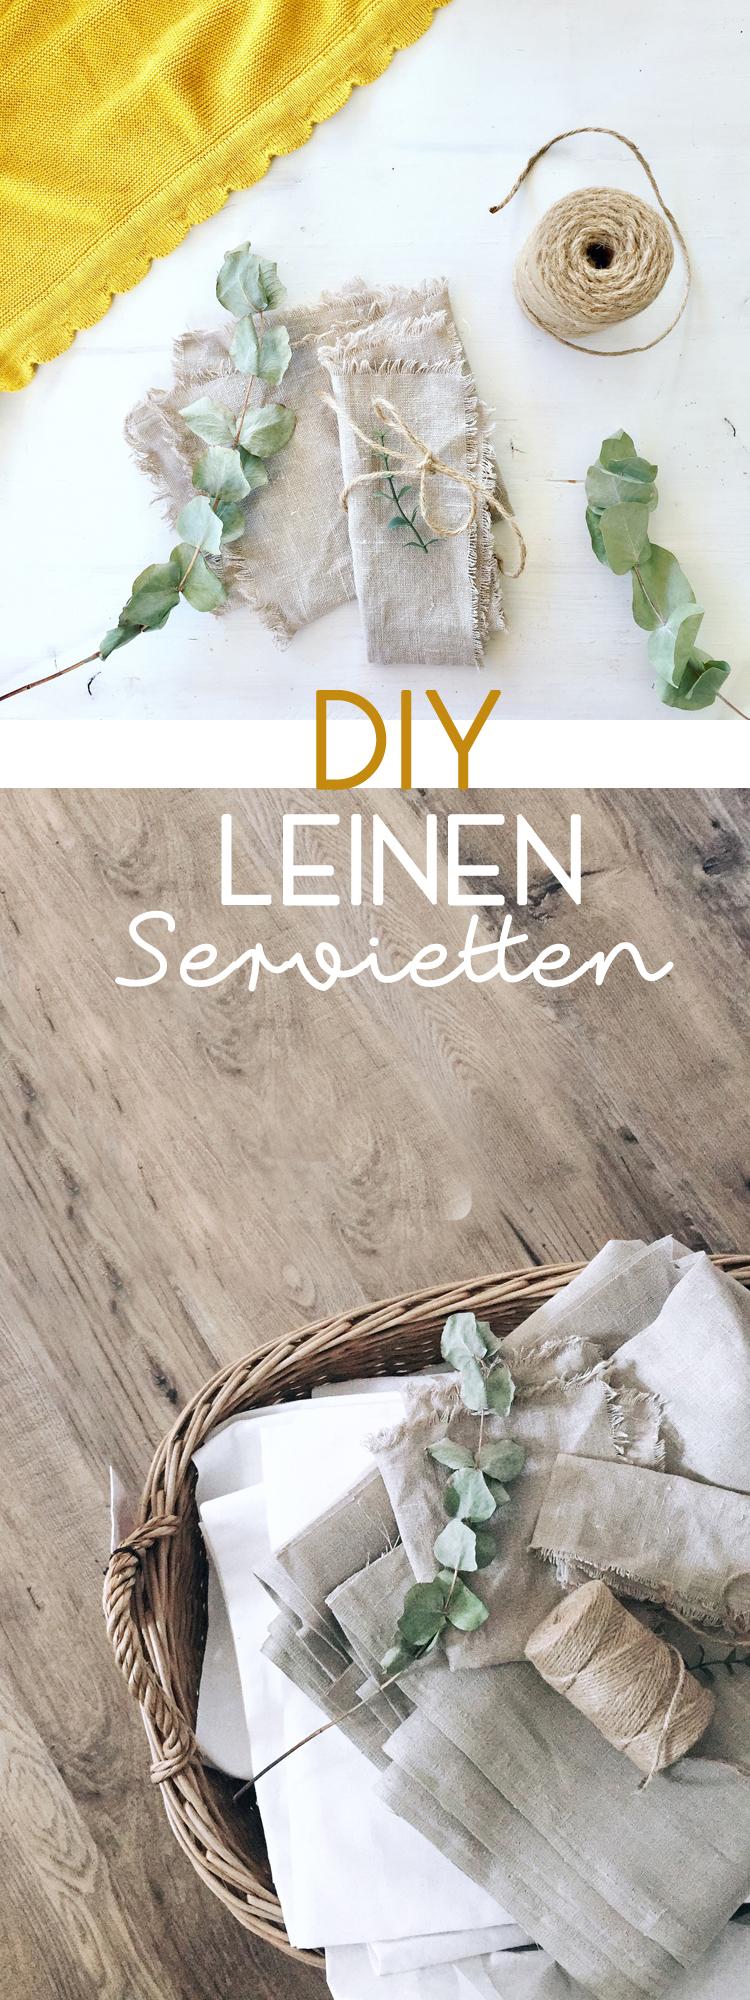 Leinenservietten selber machen - DIY aus Ikea-Stoff-aina-ohne-naehen